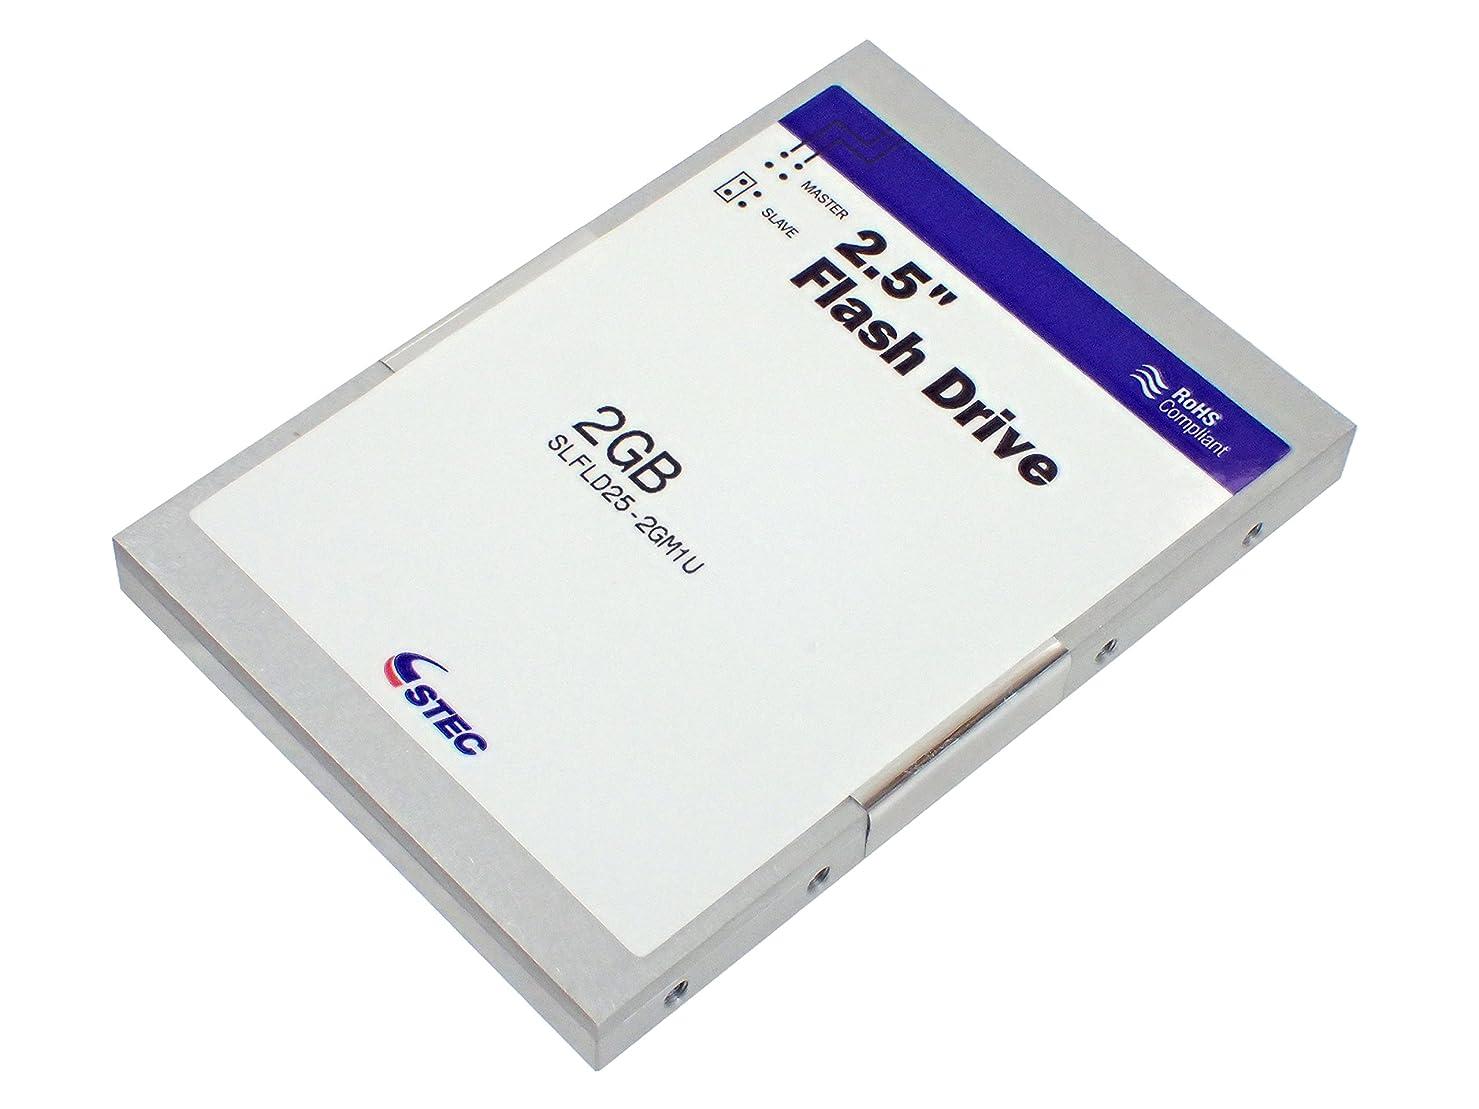 貝殻レンドバンガローSTEC 産業用 Solid-State IDE Flash Drive (SSD) 2.5インチ 2GB SLFLD25-2GM1U